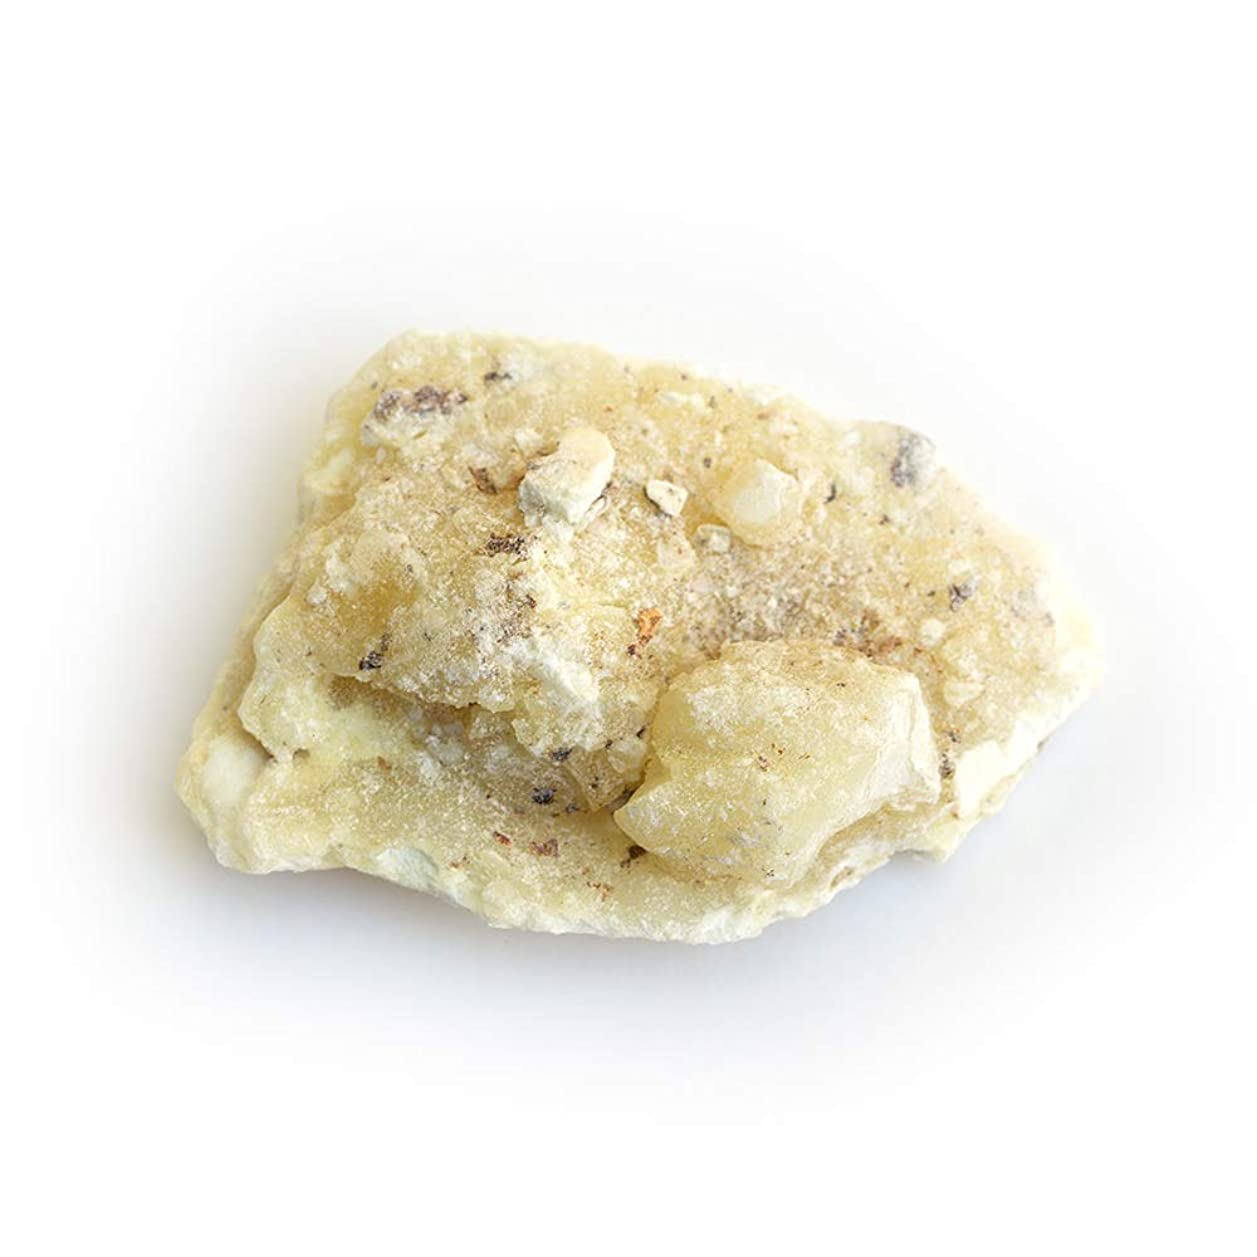 選択シルエットゴミMynagold 有機ホワイトコーパル 聖なるお香 樹脂 45G (1.5オンス)